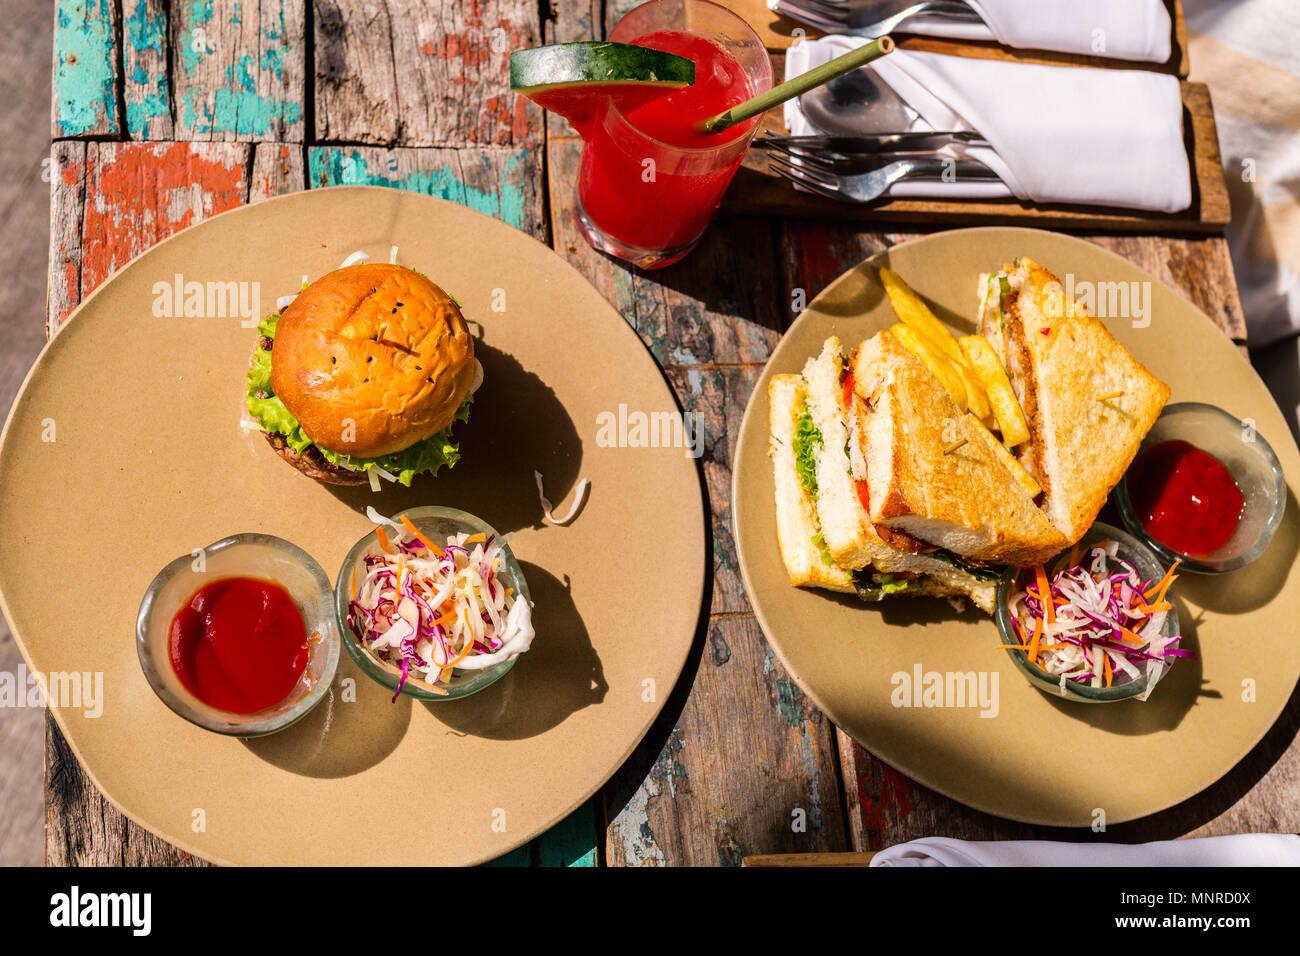 Délicieux poissons frais sandwich, burger et salade verte pour le déjeuner Photo Stock